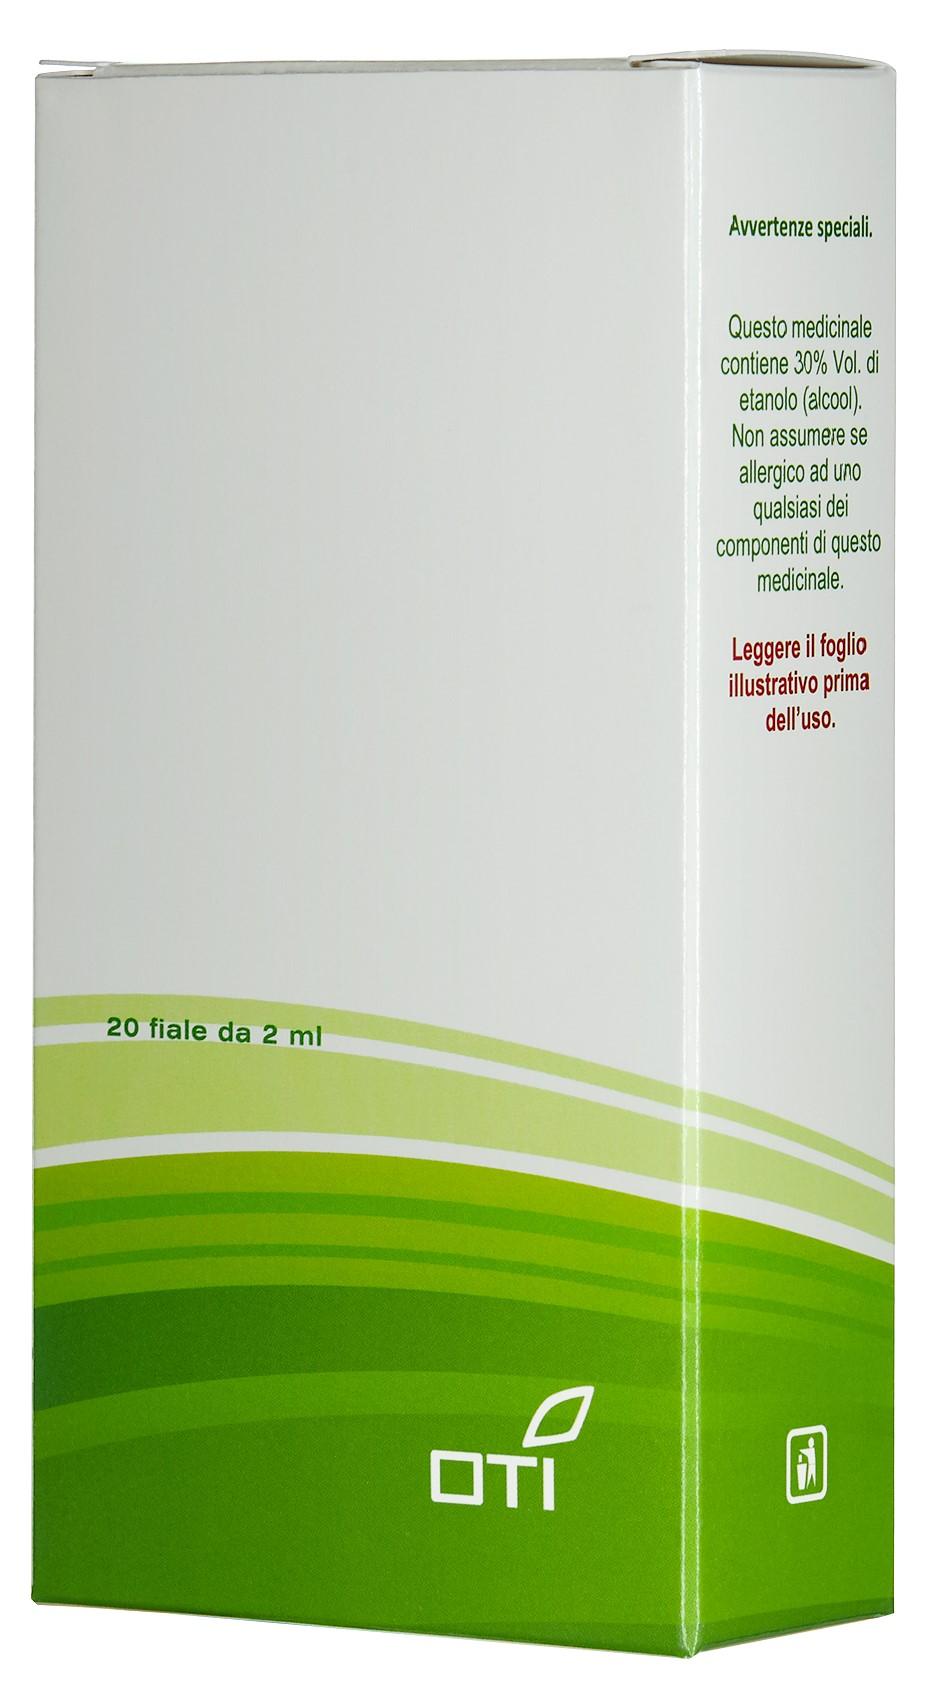 ANTI CD 21*018LM PL 20F 2ML - Parafarmacia la Fattoria della Salute S.n.c. di Delfini Dott.ssa Giulia e Marra Dott.ssa Michela